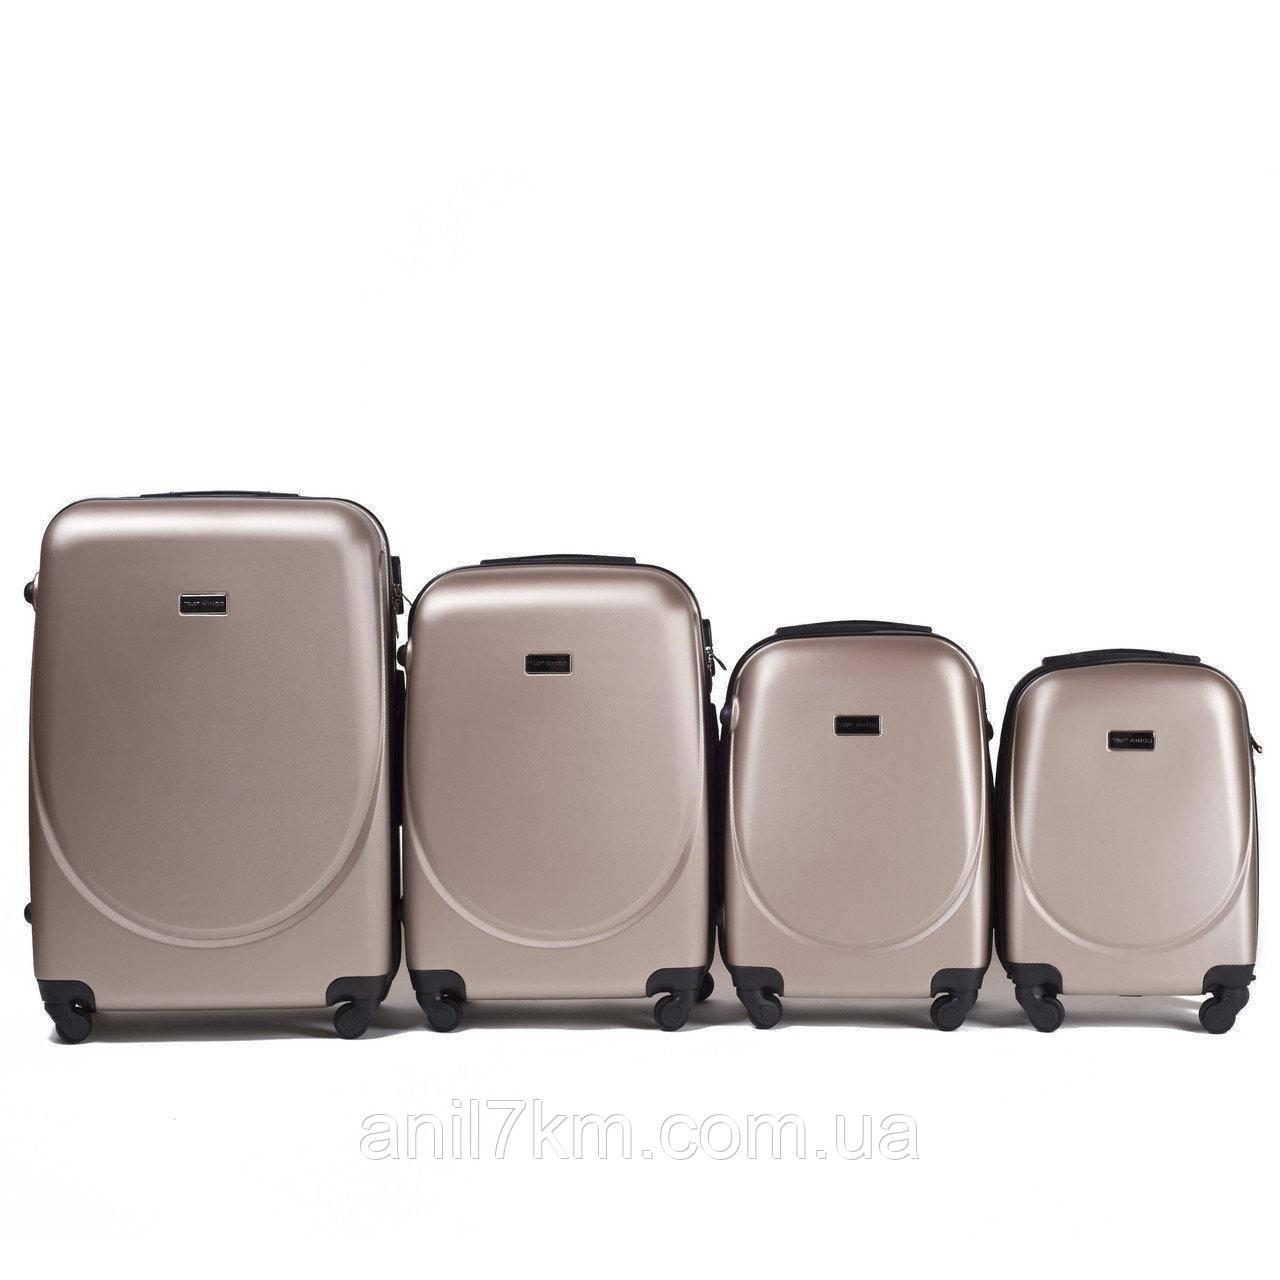 Комплект 4-ка пластиковых чемоданов на четырёх колёсах